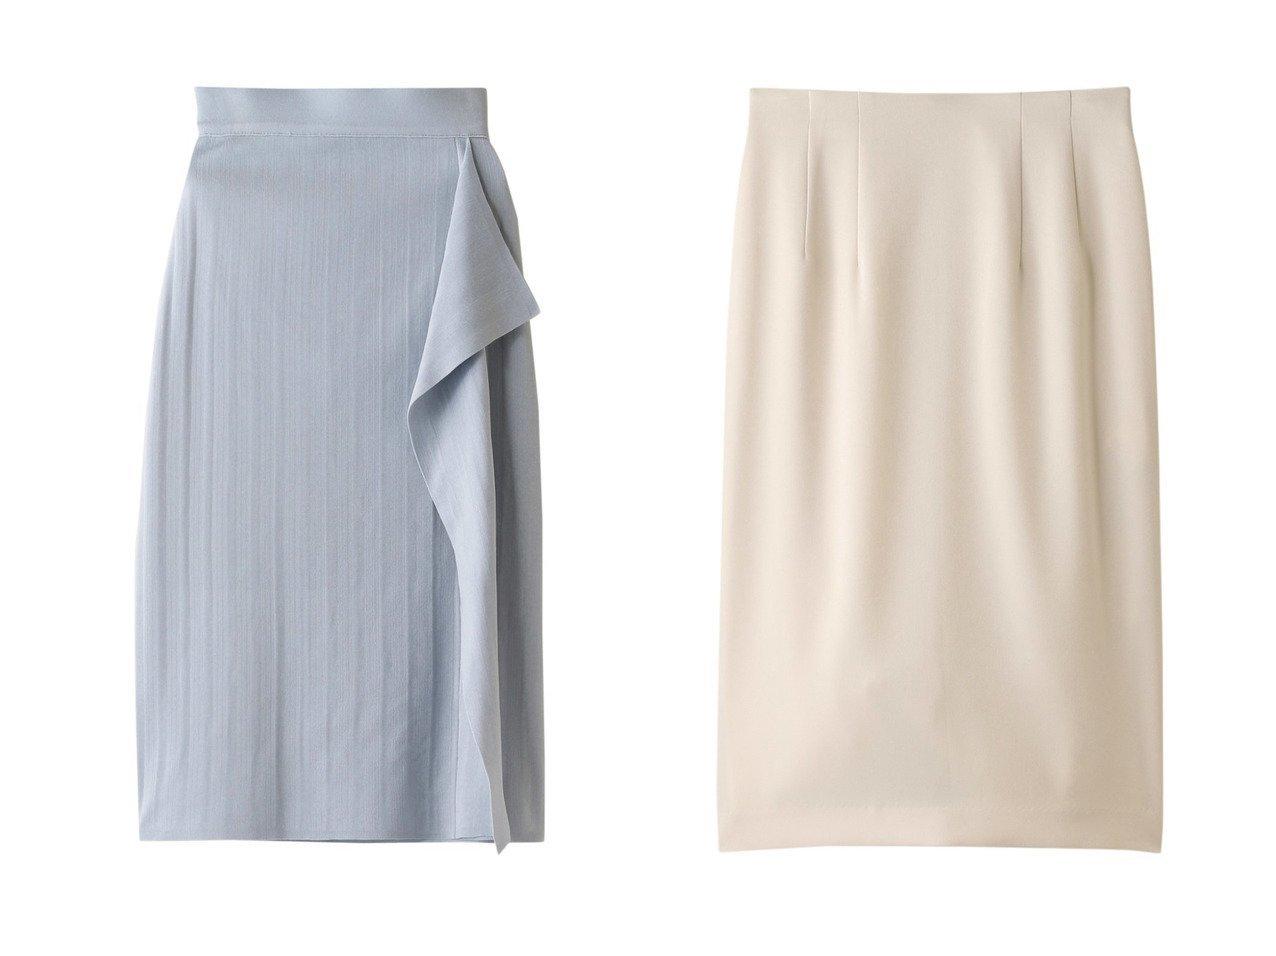 【ANAYI/アナイ】のキュプラソロタイトスカート&トリアセテートサテンタイトスカート スカートのおすすめ!人気、トレンド・レディースファッションの通販 おすすめで人気の流行・トレンド、ファッションの通販商品 メンズファッション・キッズファッション・インテリア・家具・レディースファッション・服の通販 founy(ファニー) https://founy.com/ ファッション Fashion レディースファッション WOMEN スカート Skirt シンプル セットアップ タイトスカート ドレープ ラッフル 再入荷 Restock/Back in Stock/Re Arrival オケージョン 無地 |ID:crp329100000012911